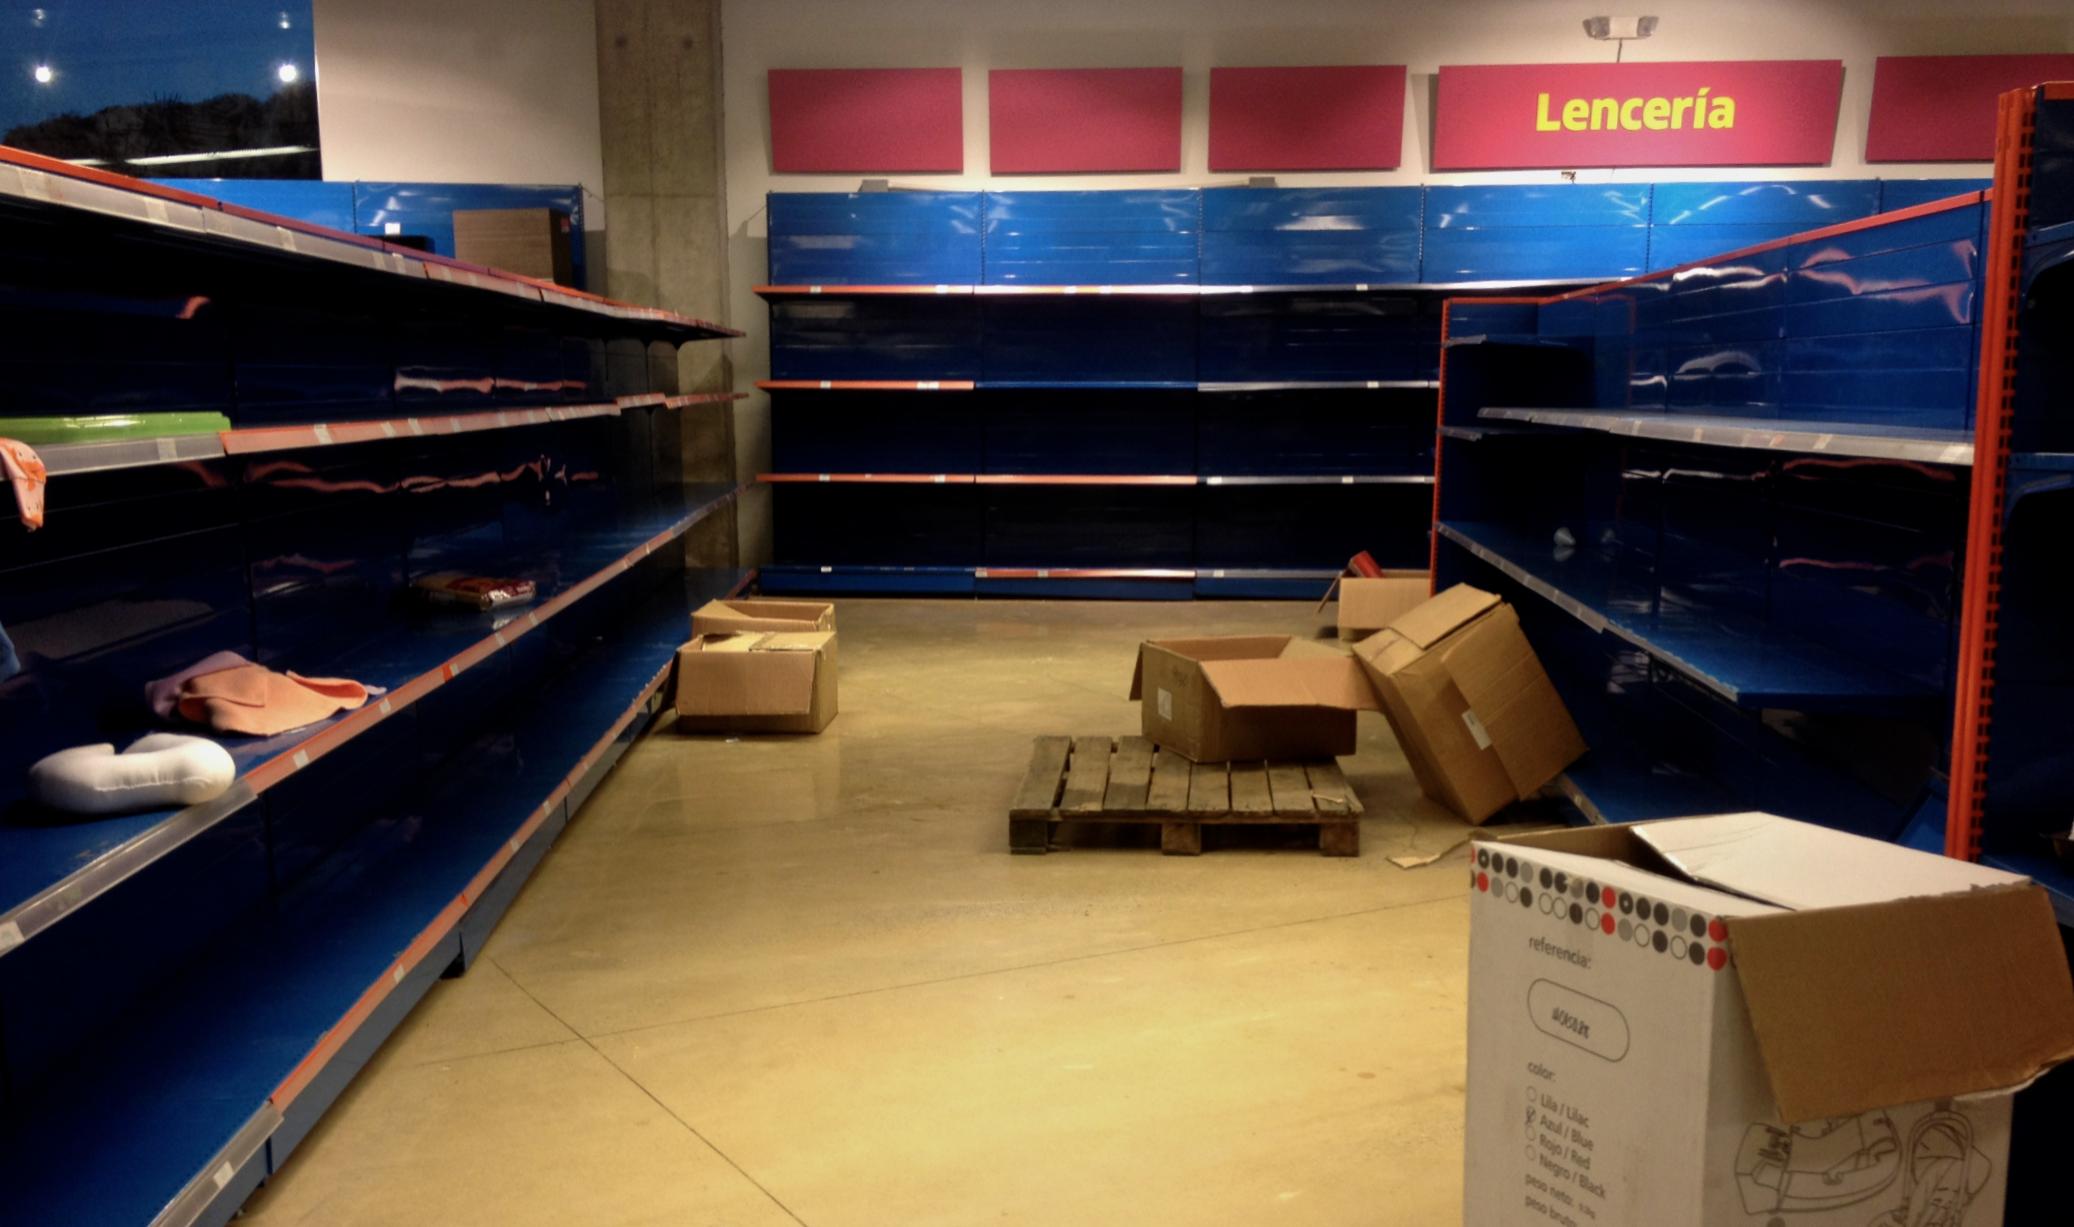 Bis zu 2.000 Prozent Inflation in Venezuela befürchtet